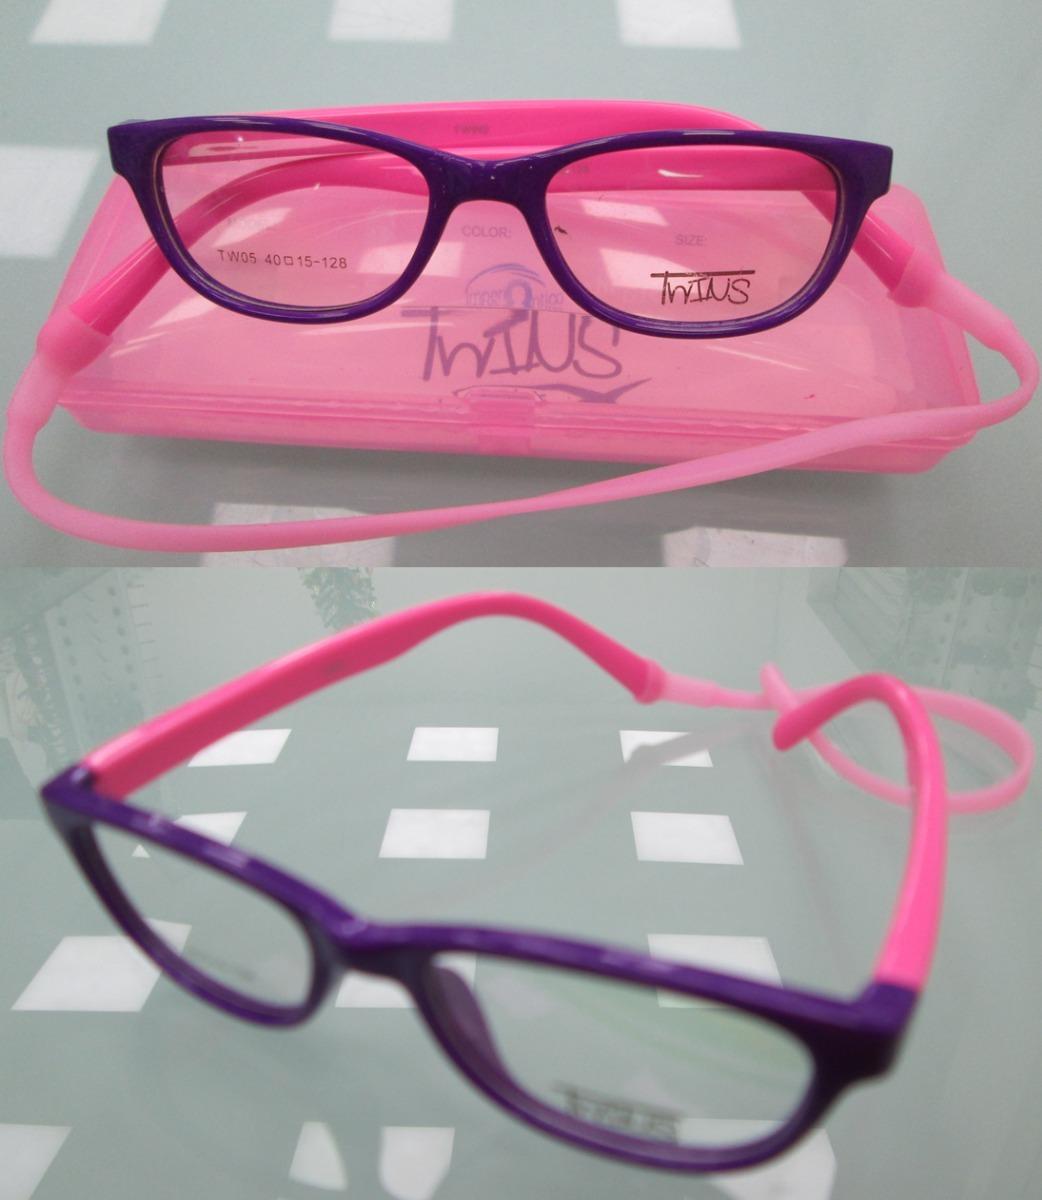 45f16d02d5 monturas de lentes flexibles para niños y niñas a la moda. Cargando zoom.